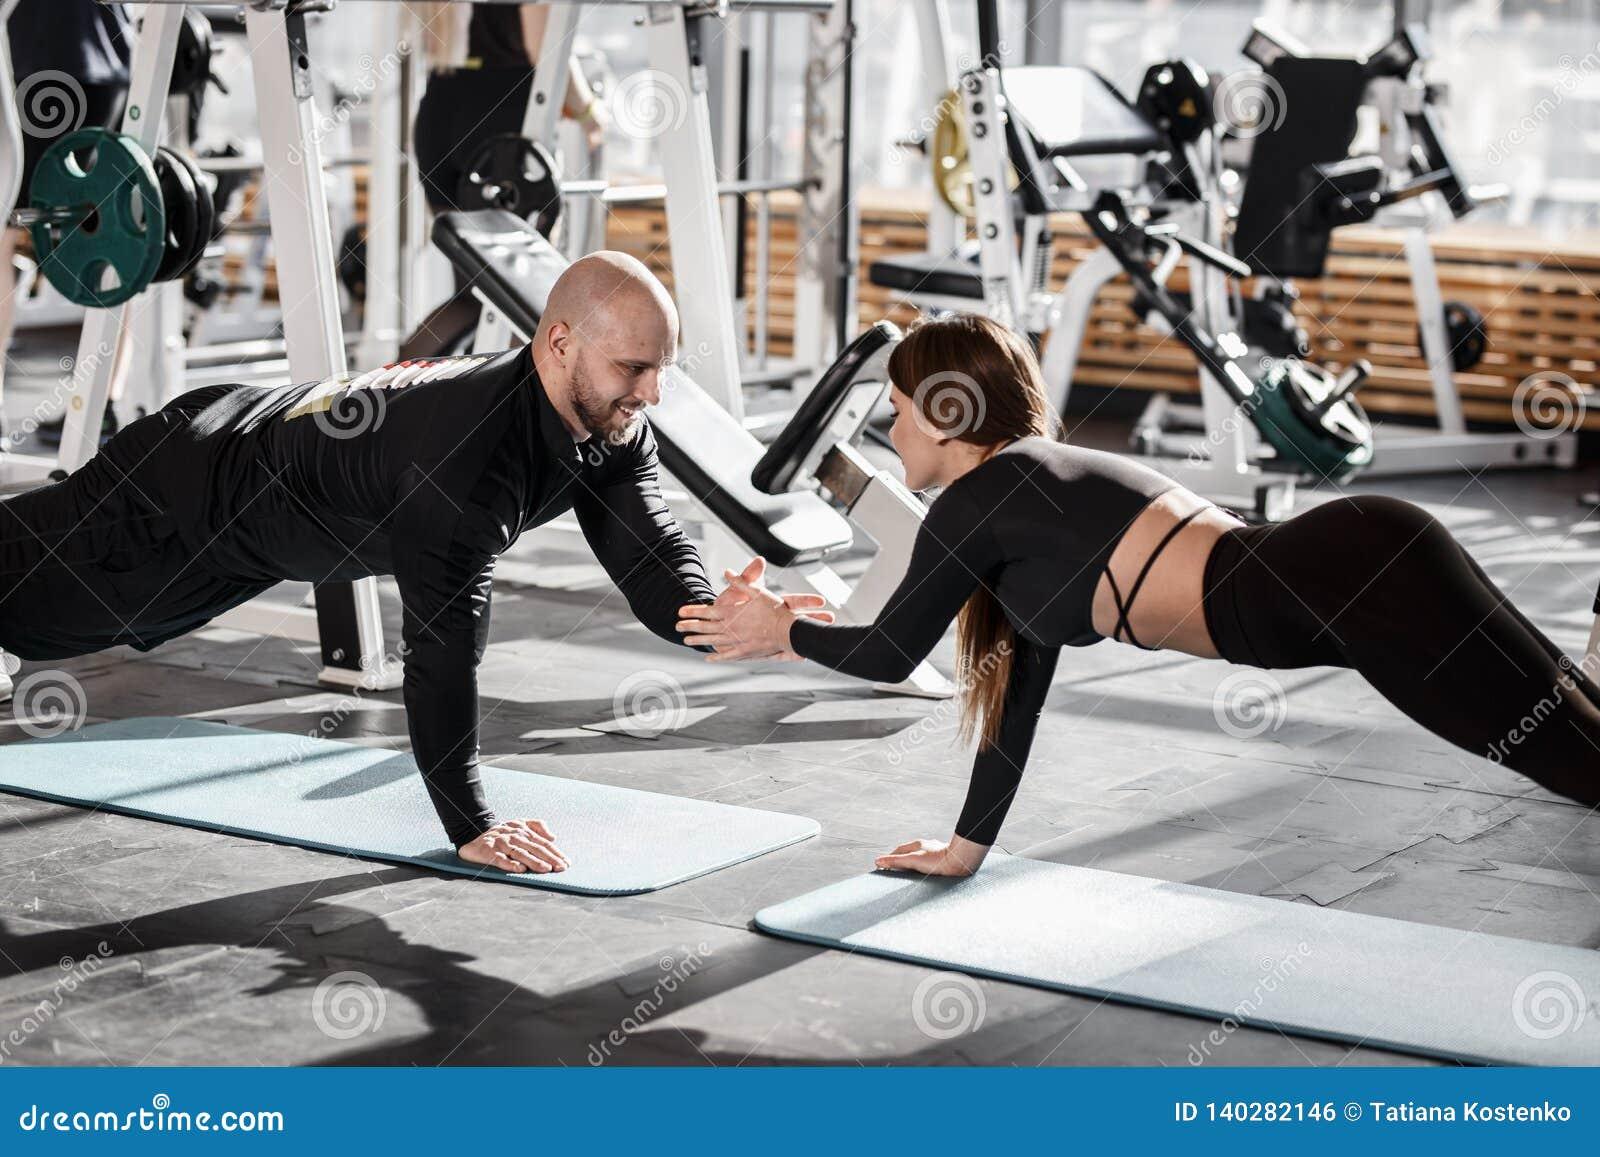 Зверский атлетический человек и молодая худенькая девушка одетые в черных одеждах видов делают планку держа рука об руку в